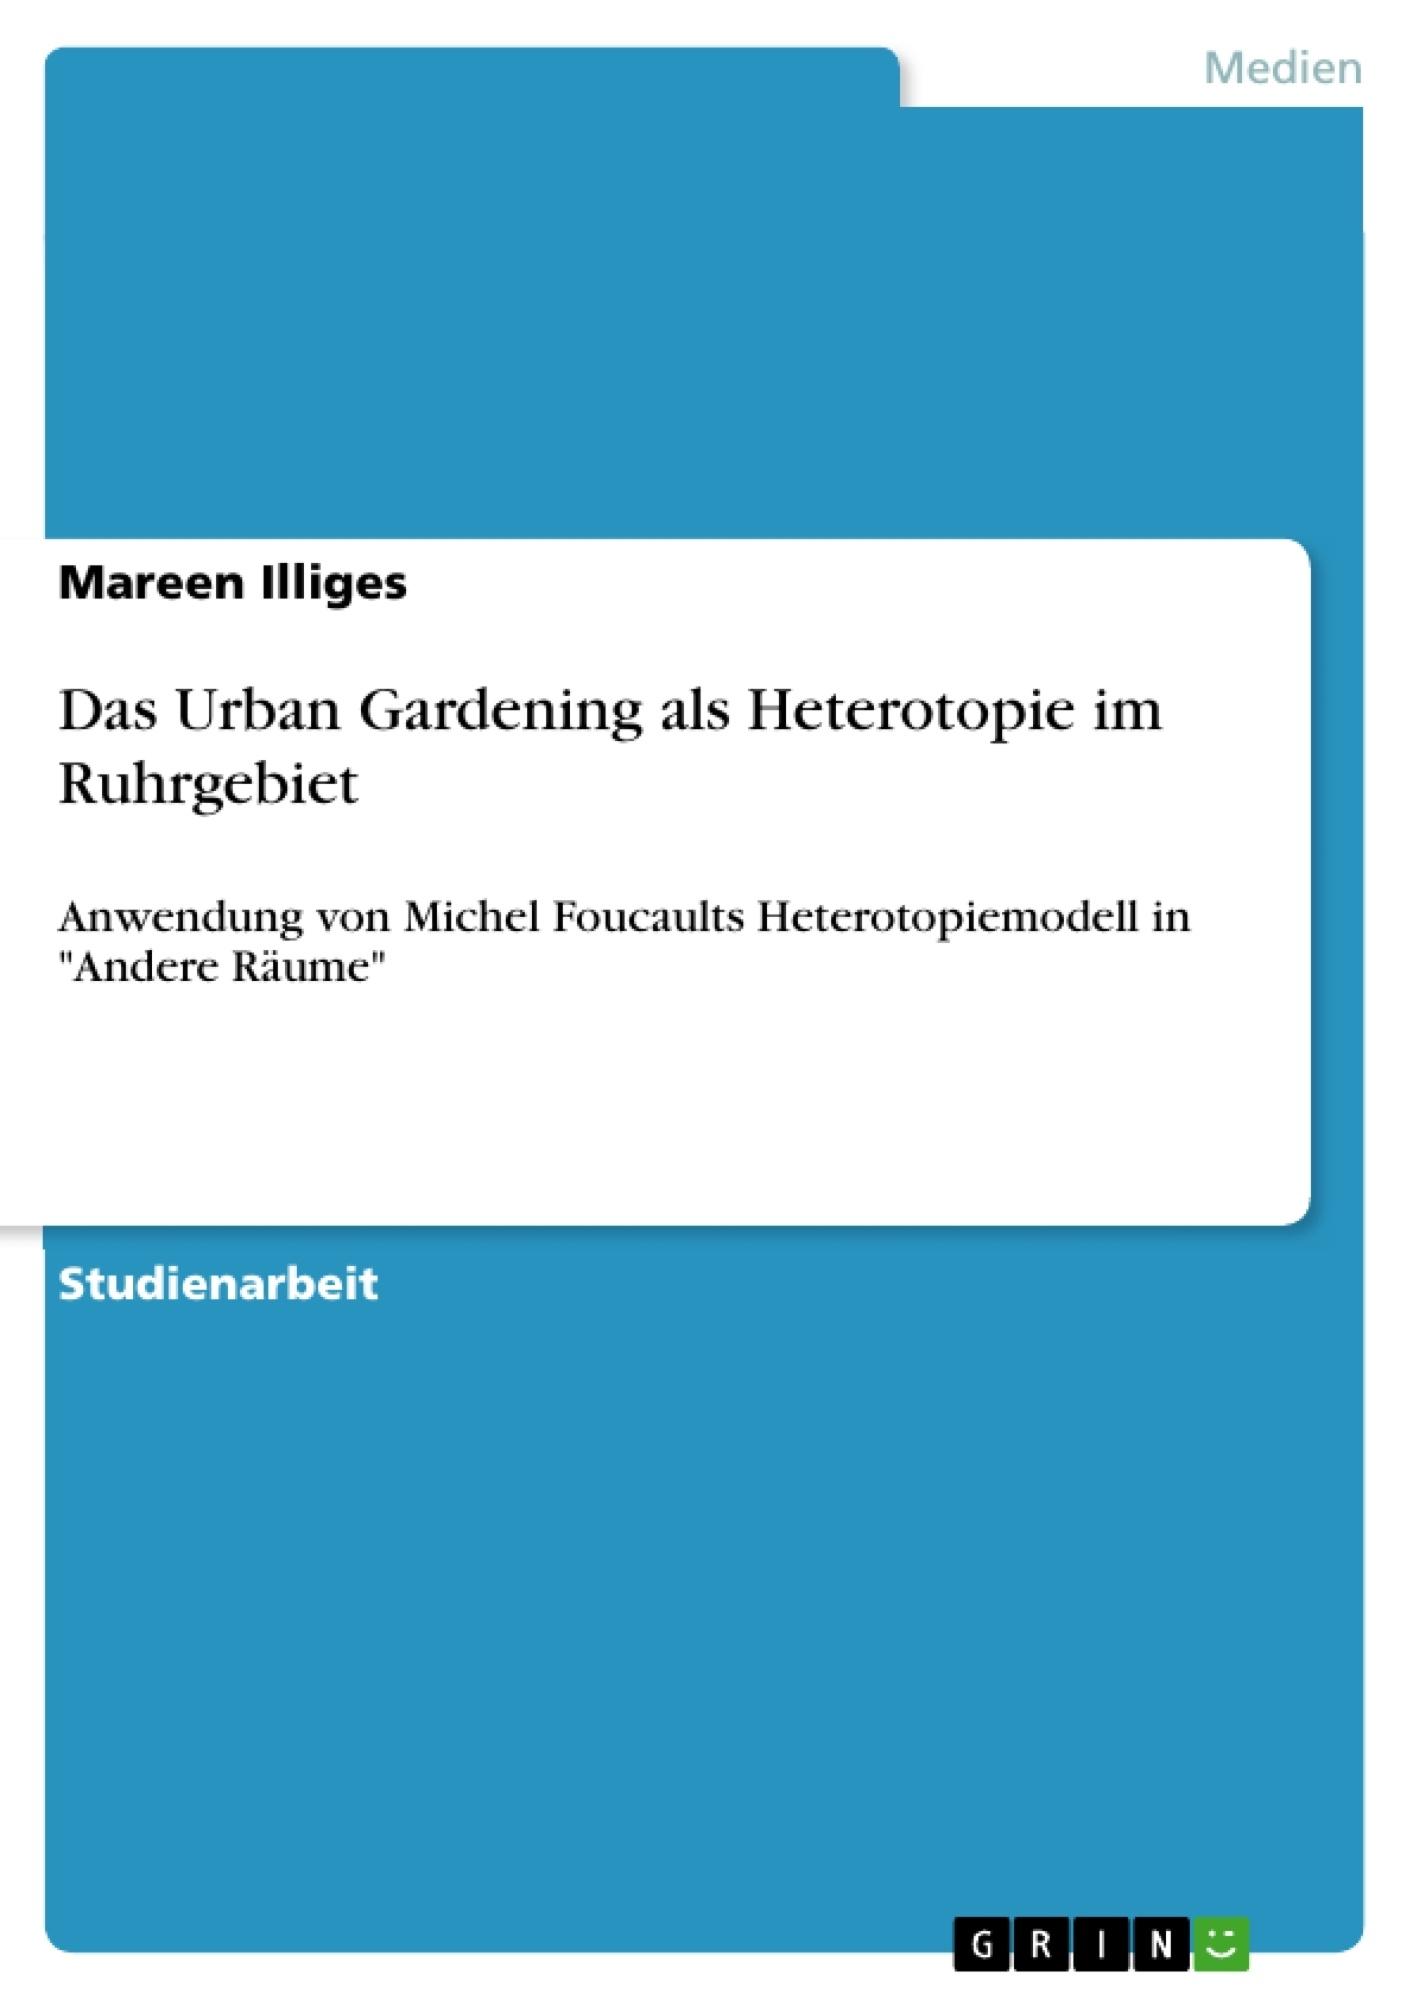 Titel: Das Urban Gardening als Heterotopie im Ruhrgebiet